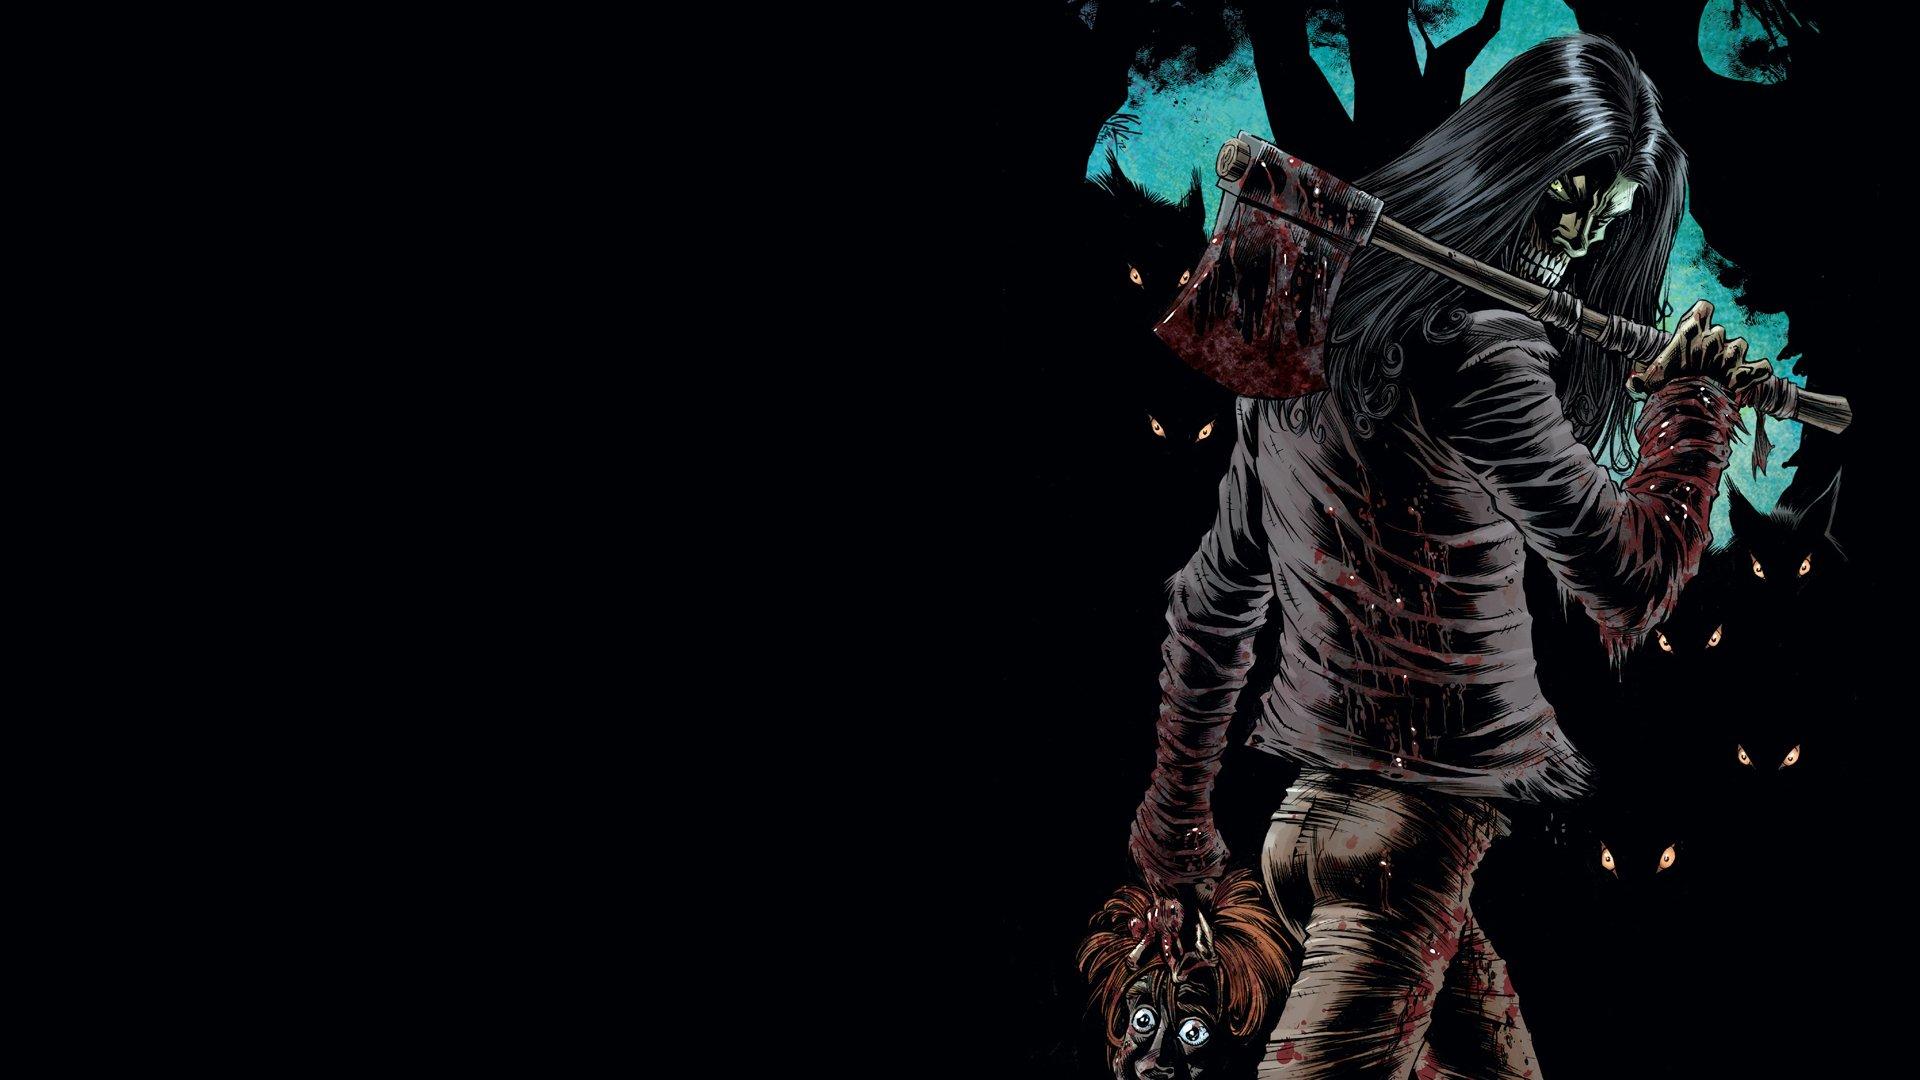 Hd wallpaper evil - Hd Wallpaper Background Id 596339 1920x1080 Comics Evil Ernie